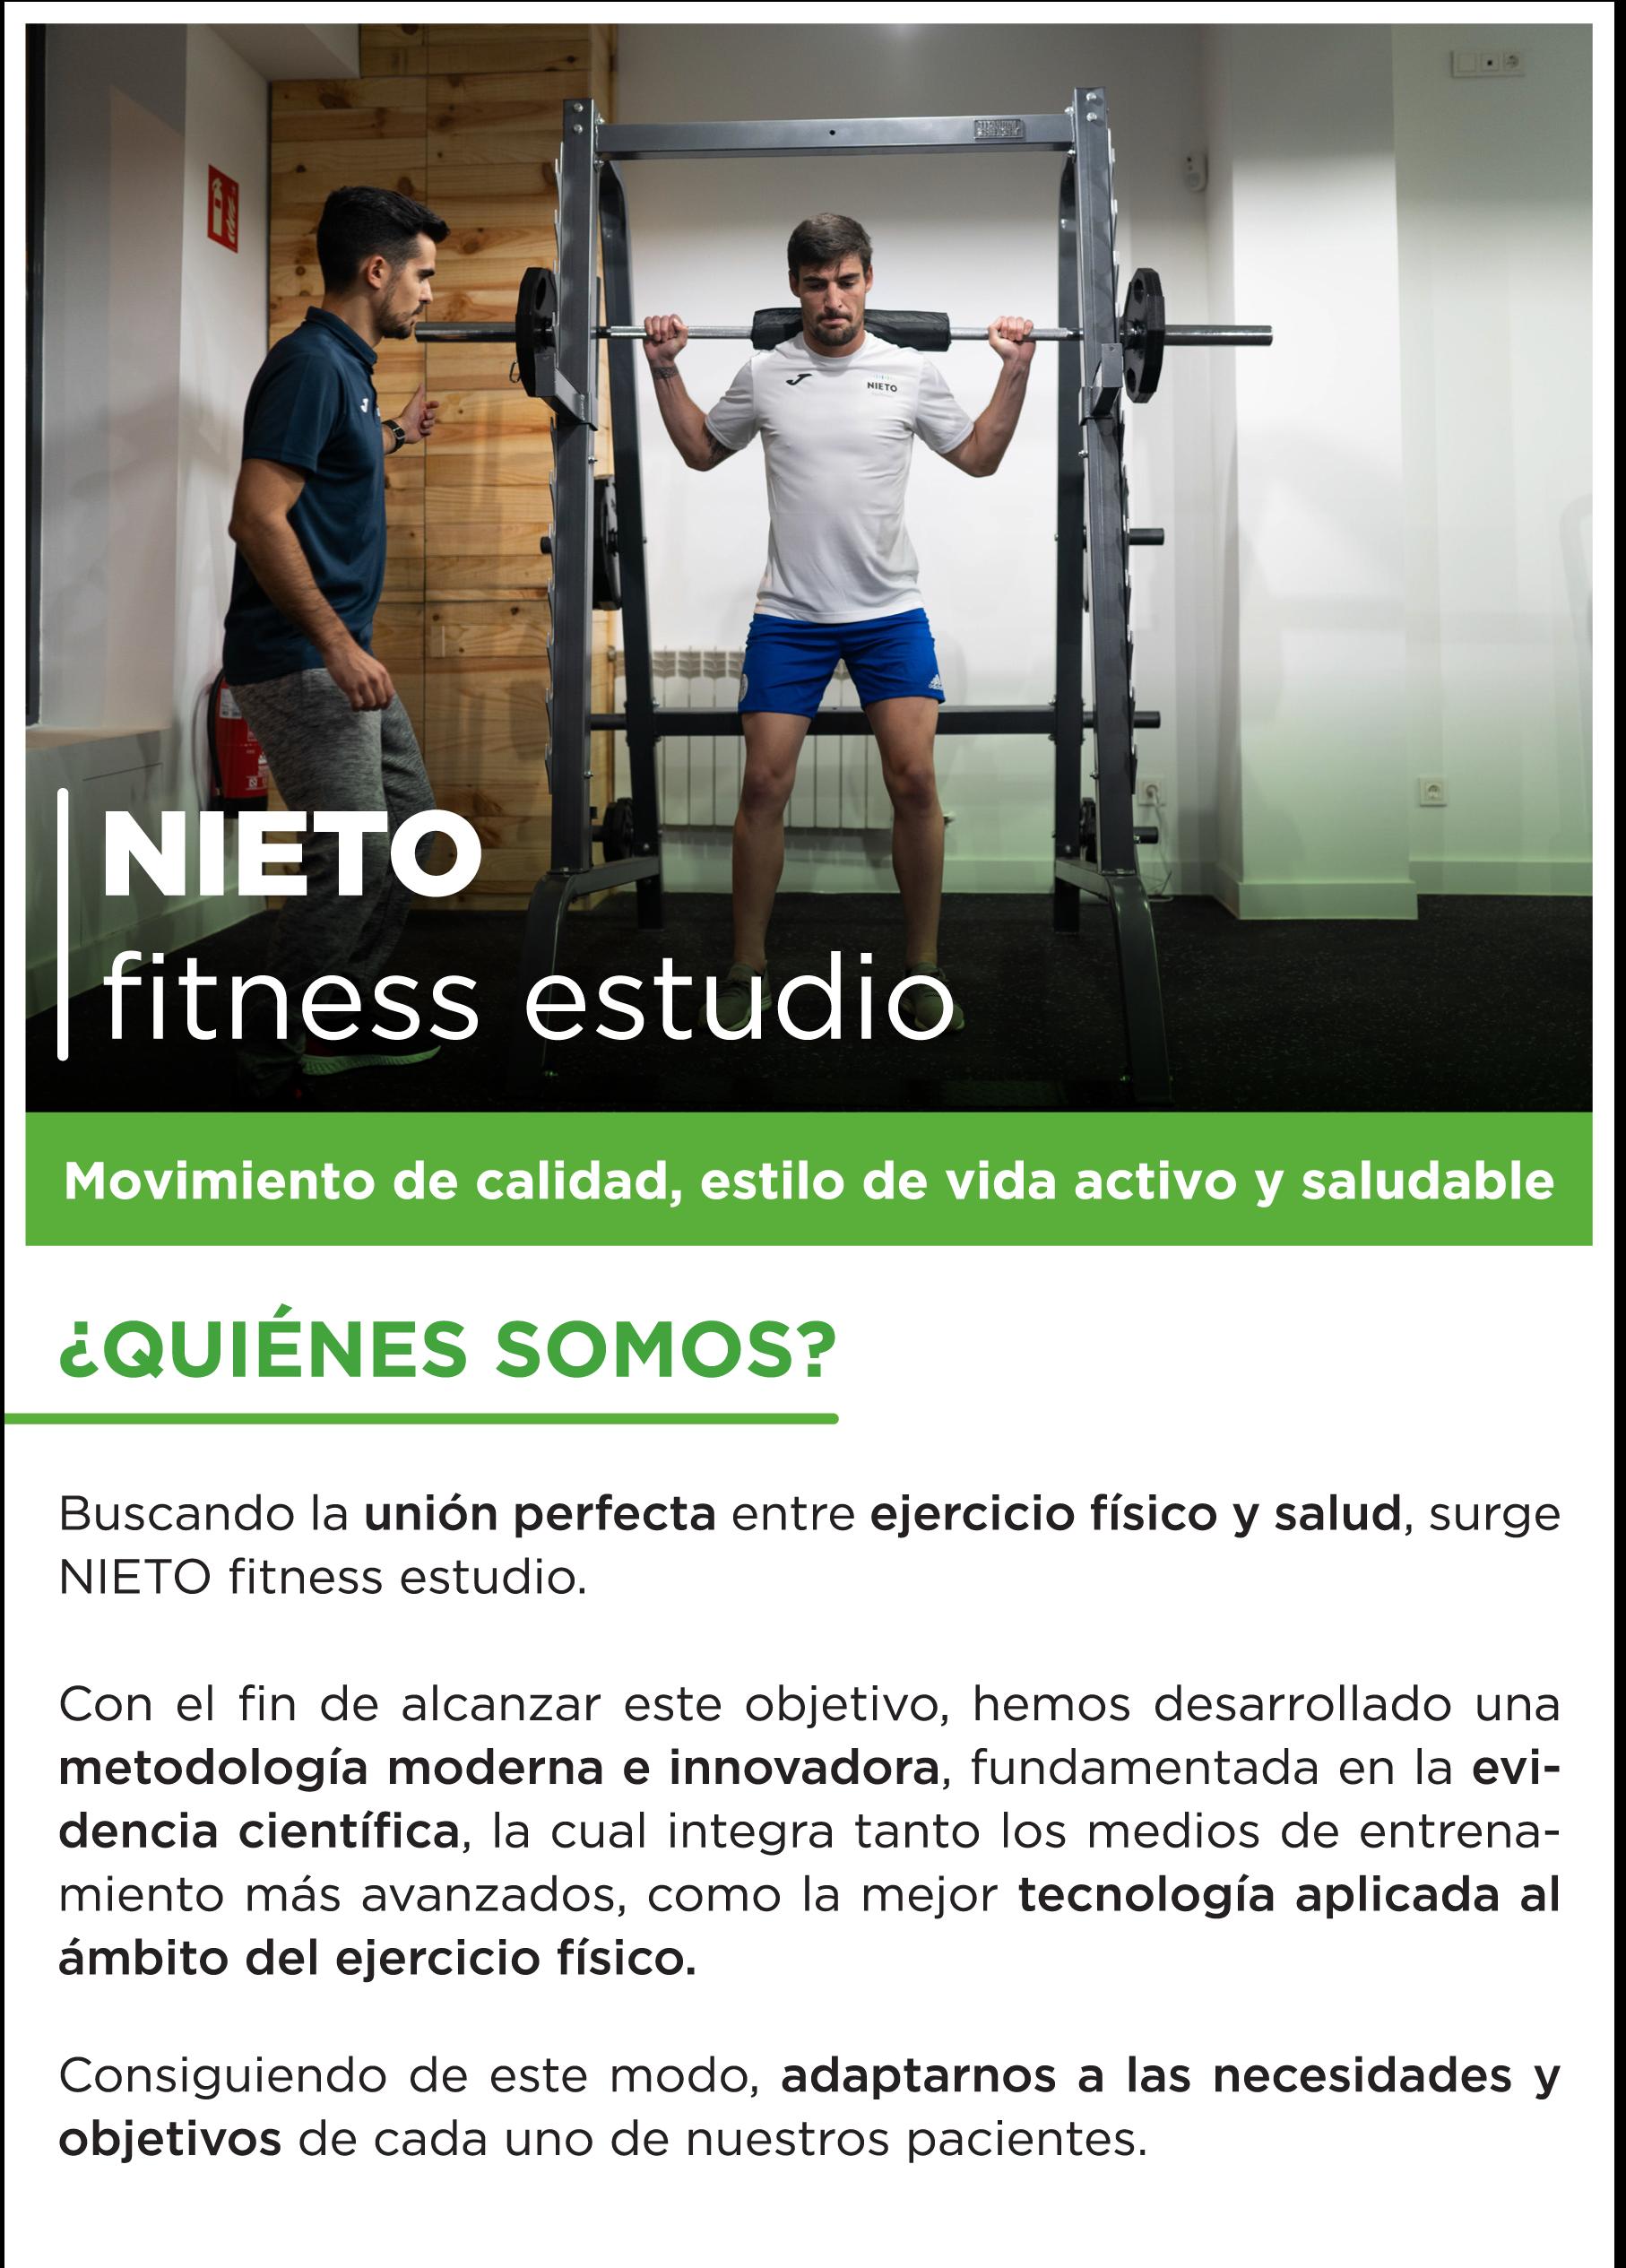 Fitness-Estudio-quienes-somos-Nieto